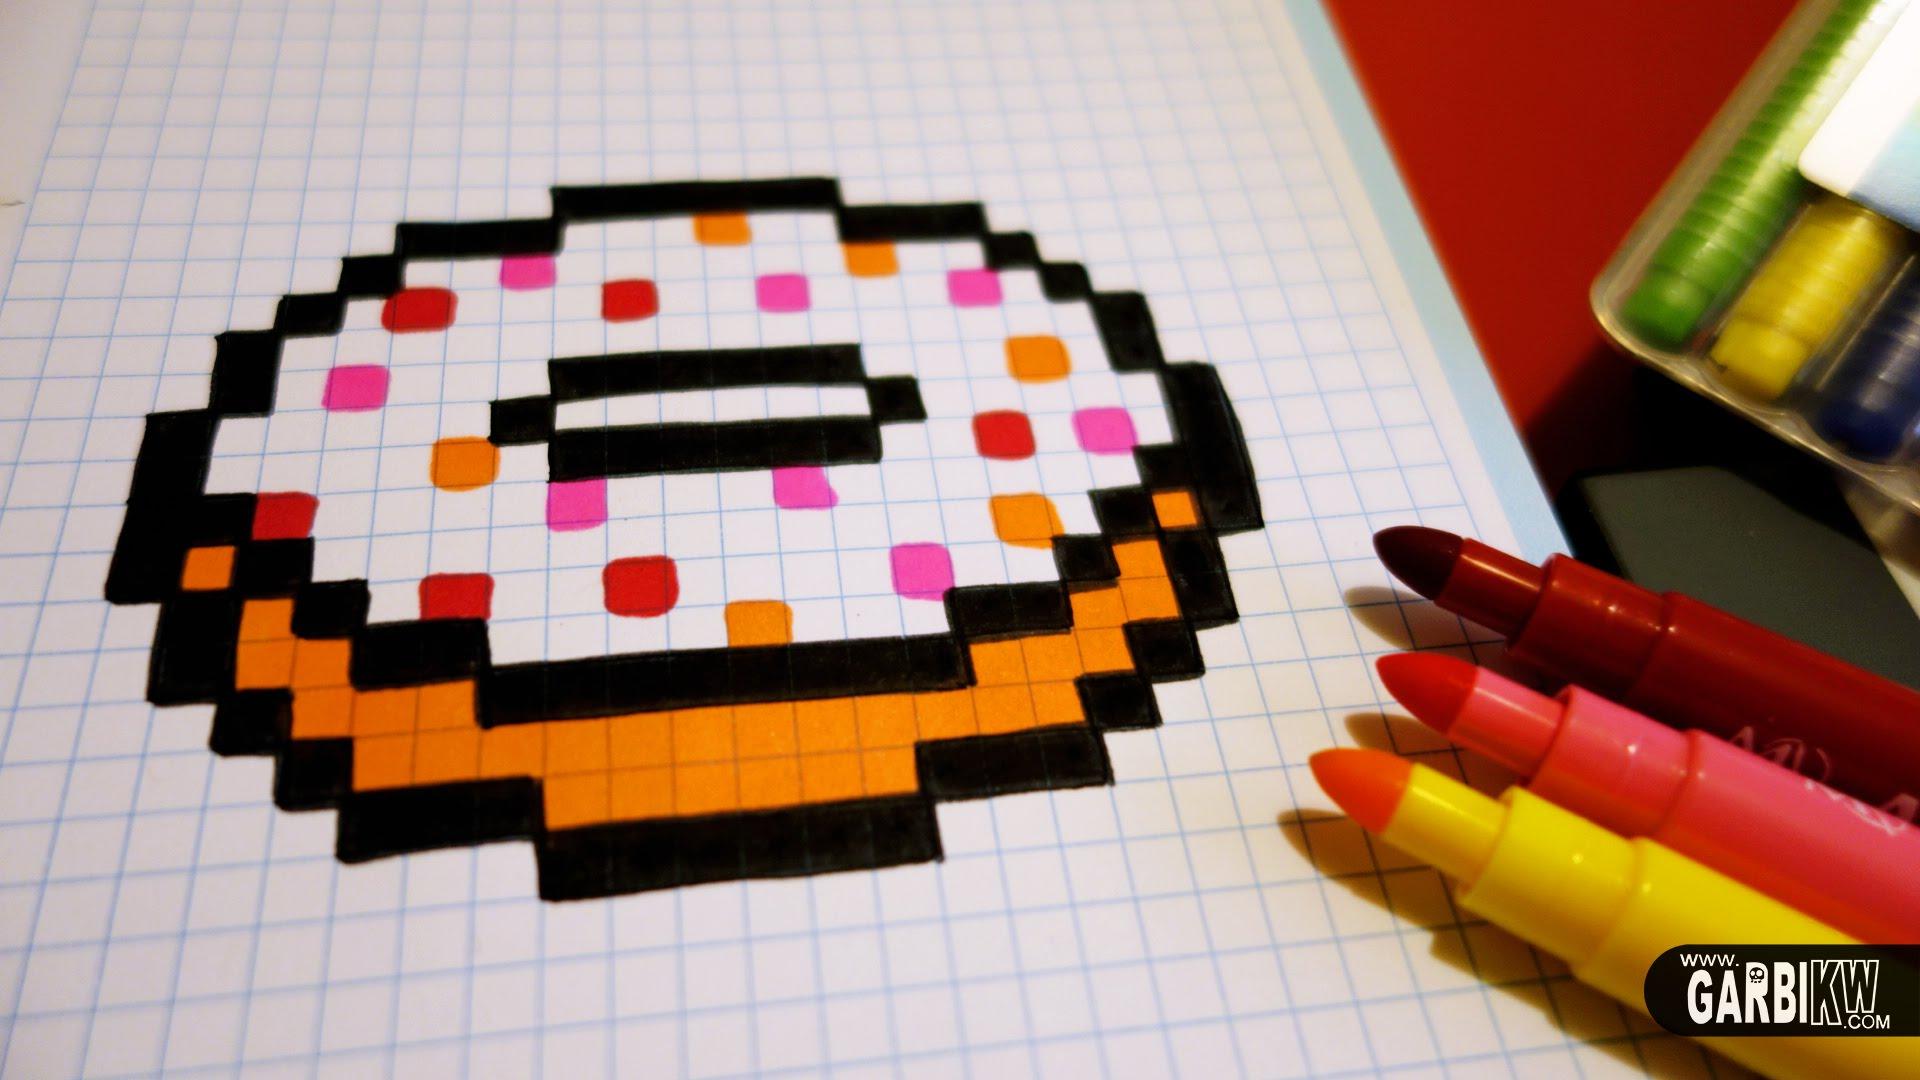 Drawn pixel art nutella #2